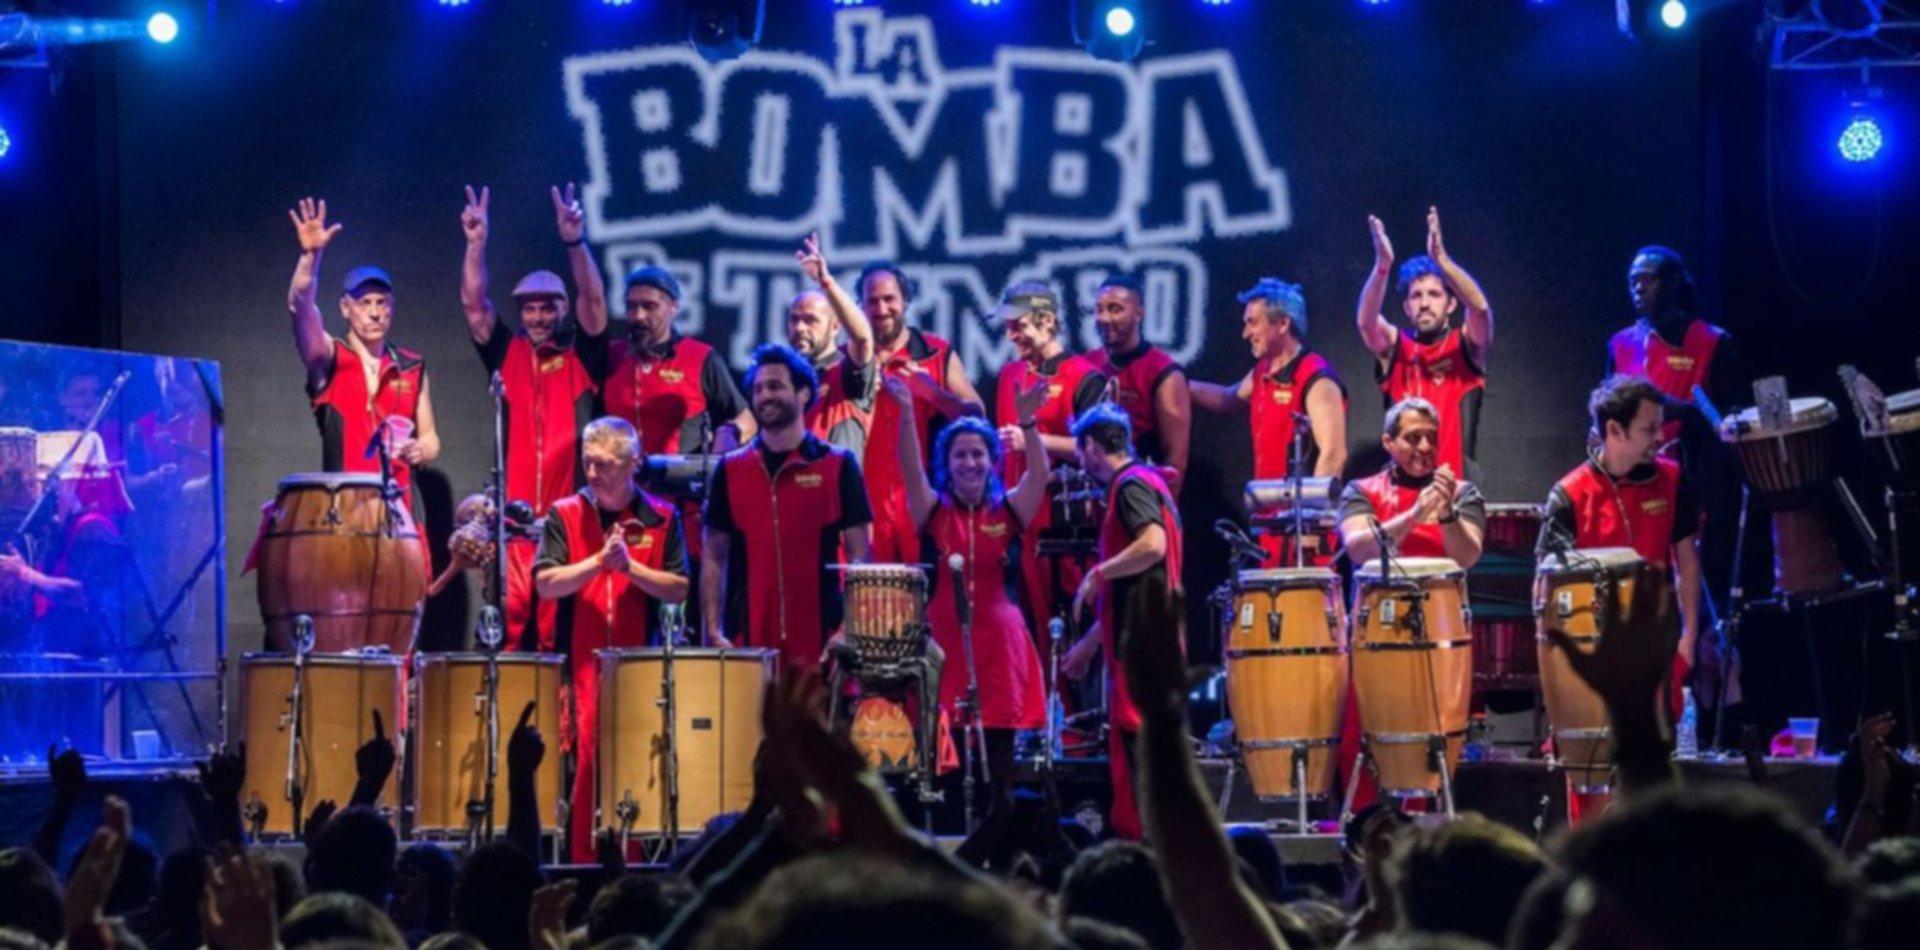 La Bomba del Tiempo vuelve a La Plata con un espectáculo que revoluciona los teatros